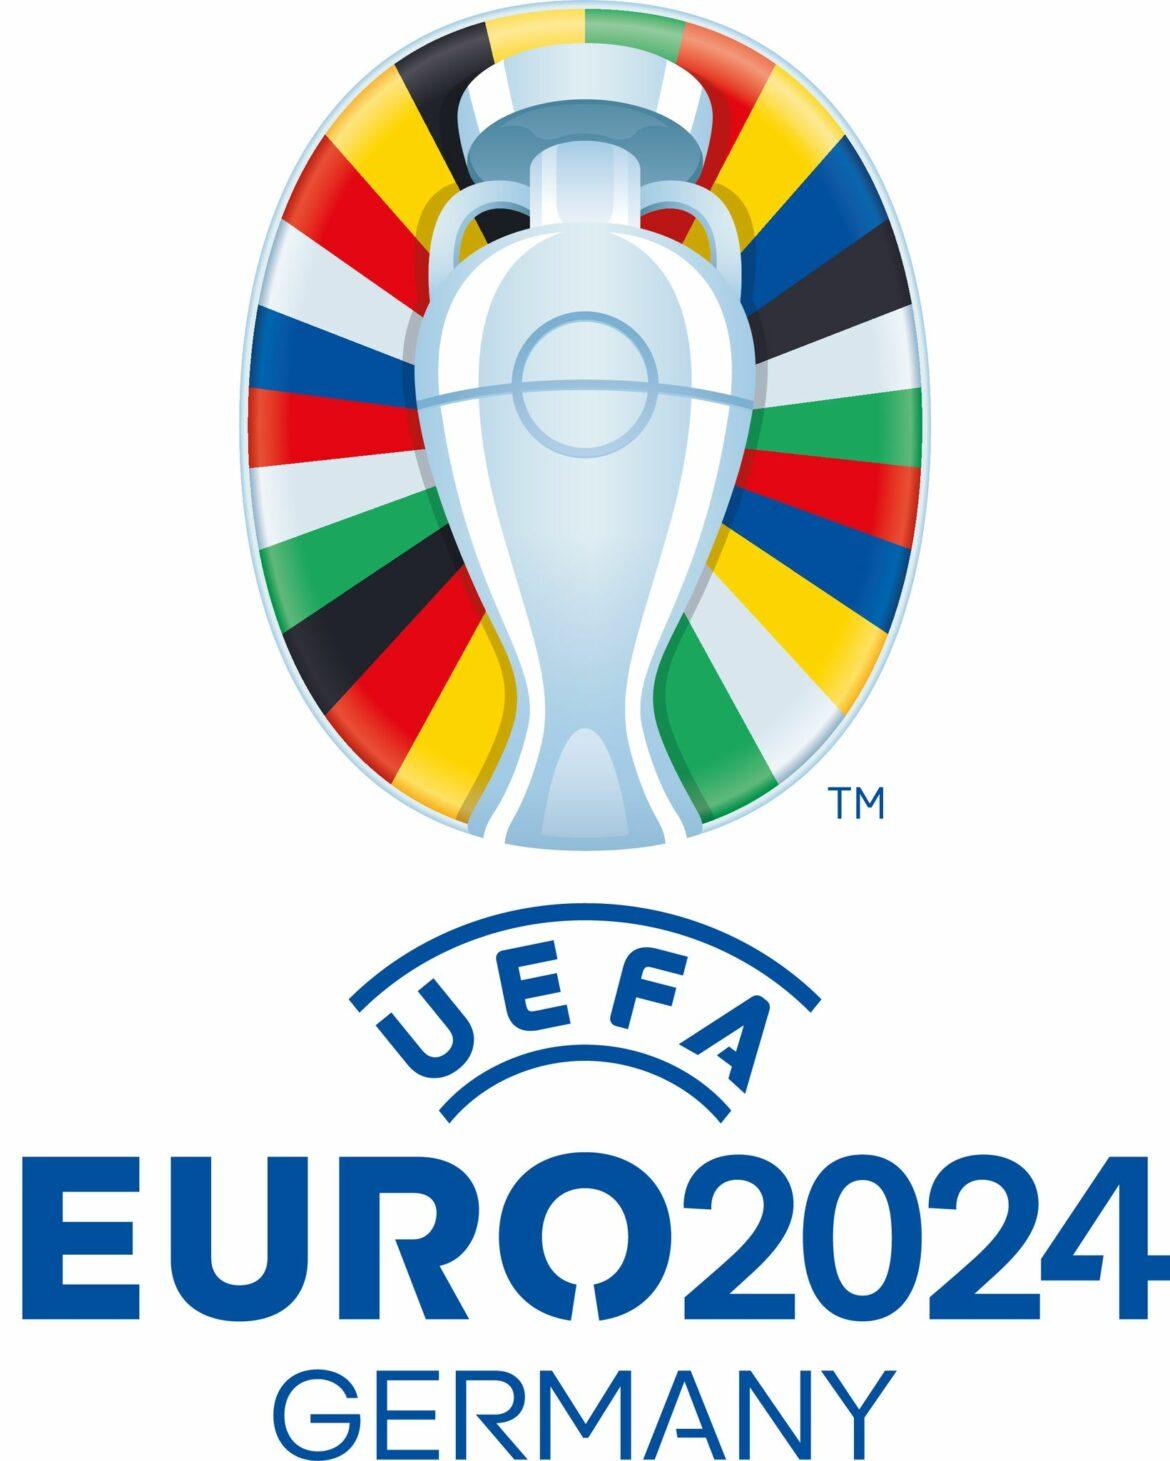 Logo für EM 2024 inspiriert vom Berliner Olympiastadion